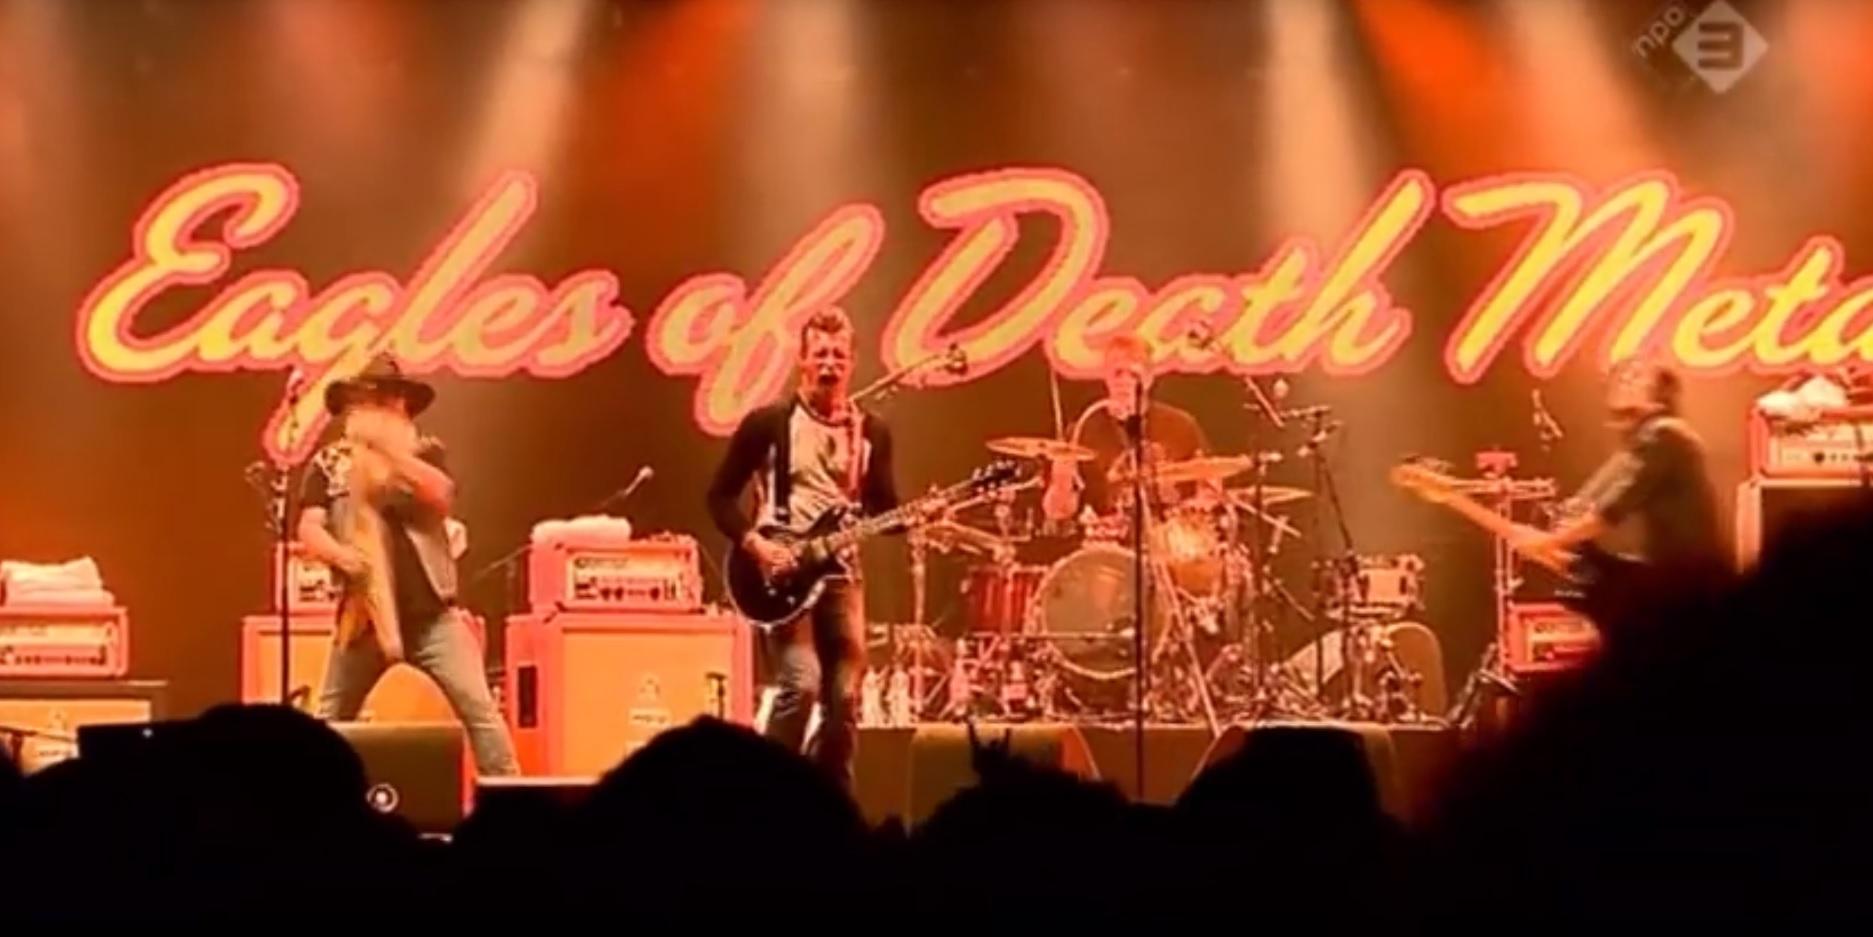 Auftritt Eagles of Death, Terrorattcken in Paris 2015